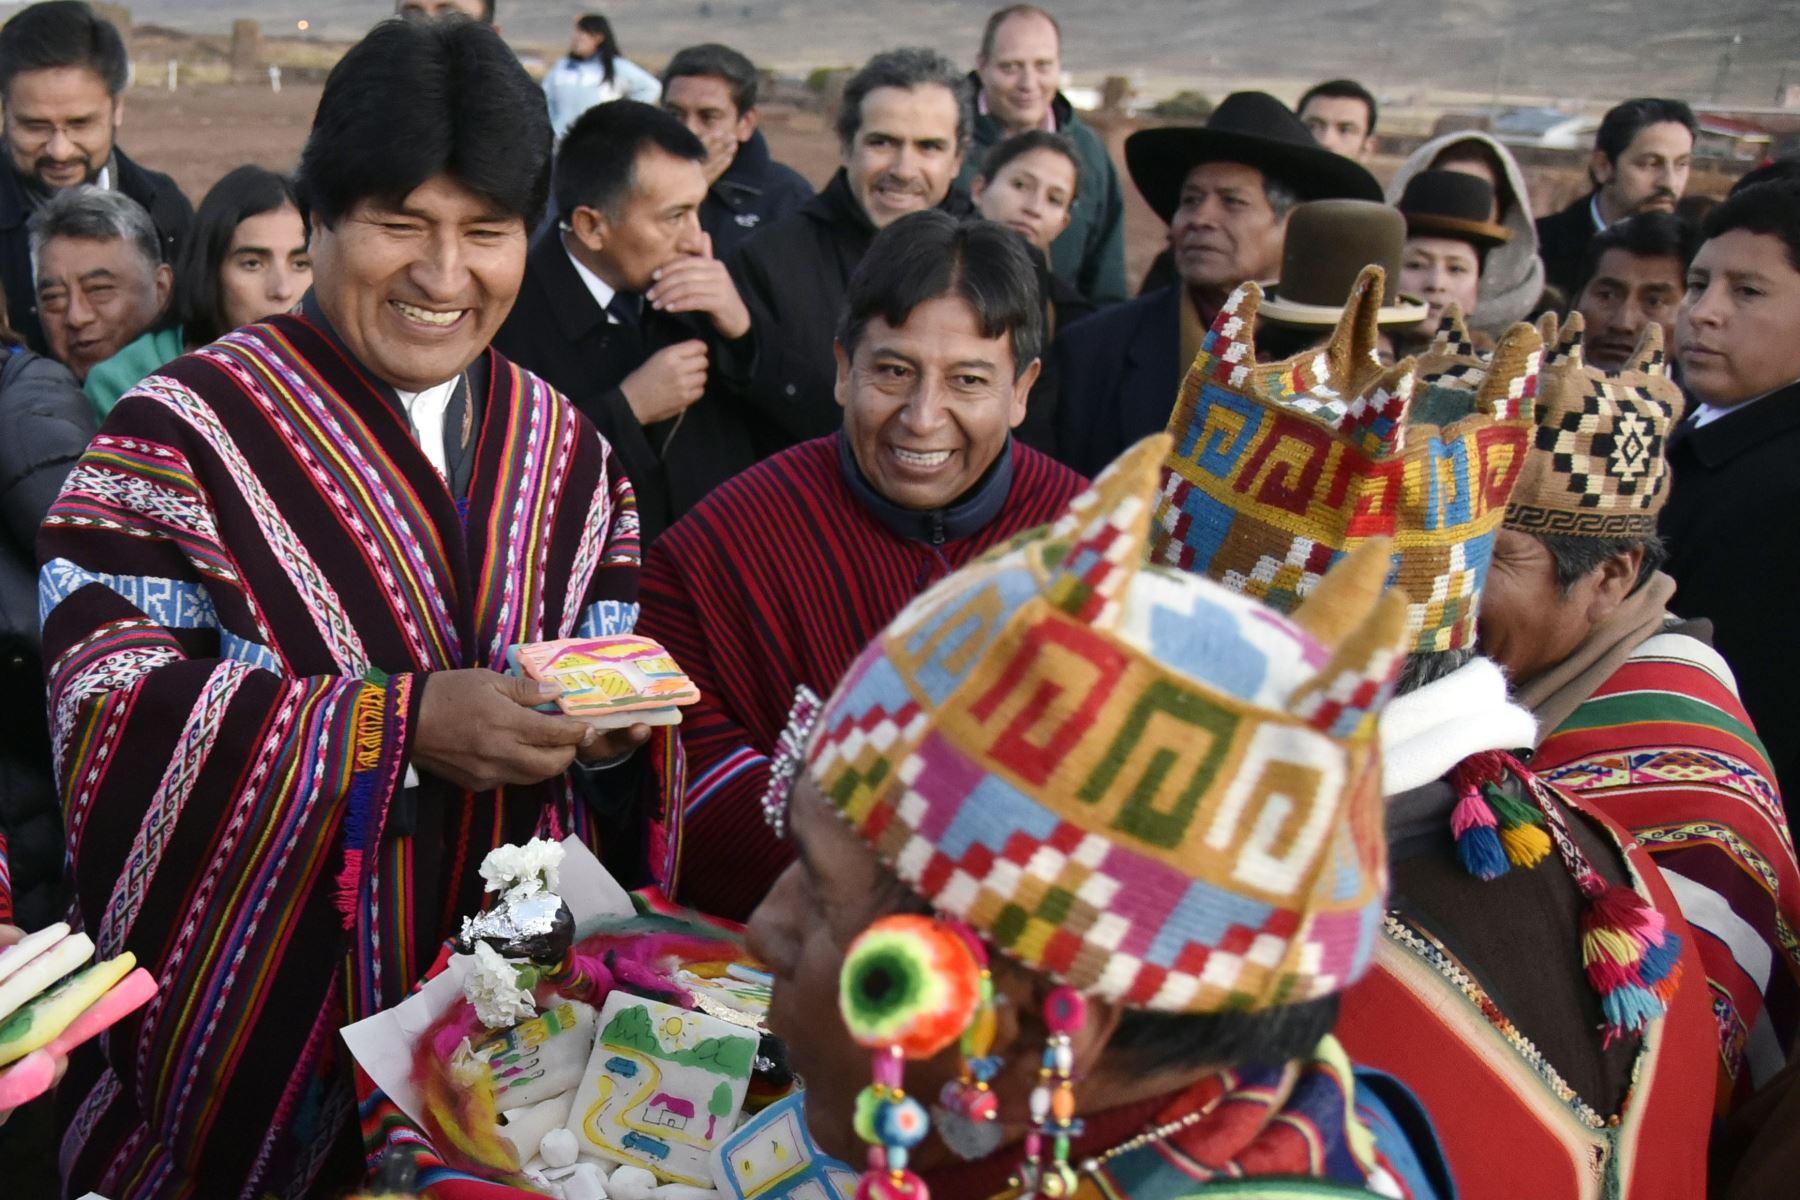 El presidente boliviano Evo Morales (L) y su ministro de Asuntos Exteriores, David Choquehuanca (C), asisten a una ceremonia indígena que celebra sus nueve años, ocho meses y 27 días en el poder el 21 de octubre de 2015 en las ruinas de Tiwanaku. Foto: AFP